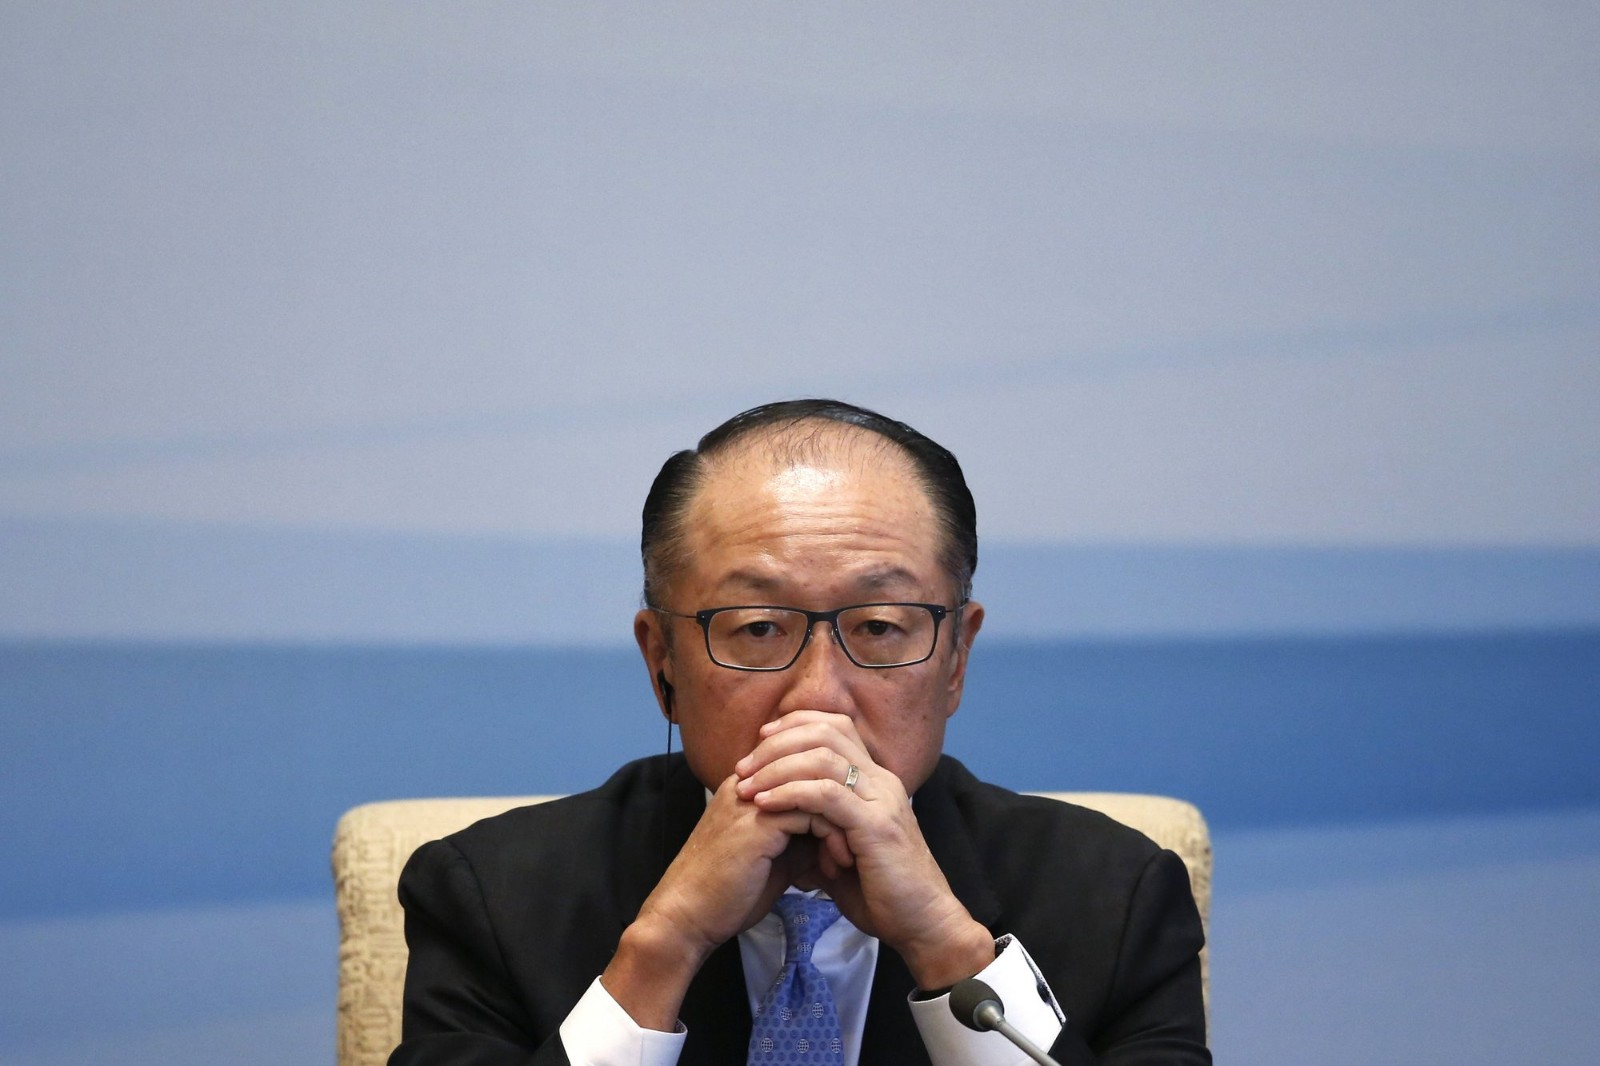 世行行长金墉突然宣布2月1日辞职 他的下一站是…_图1-1